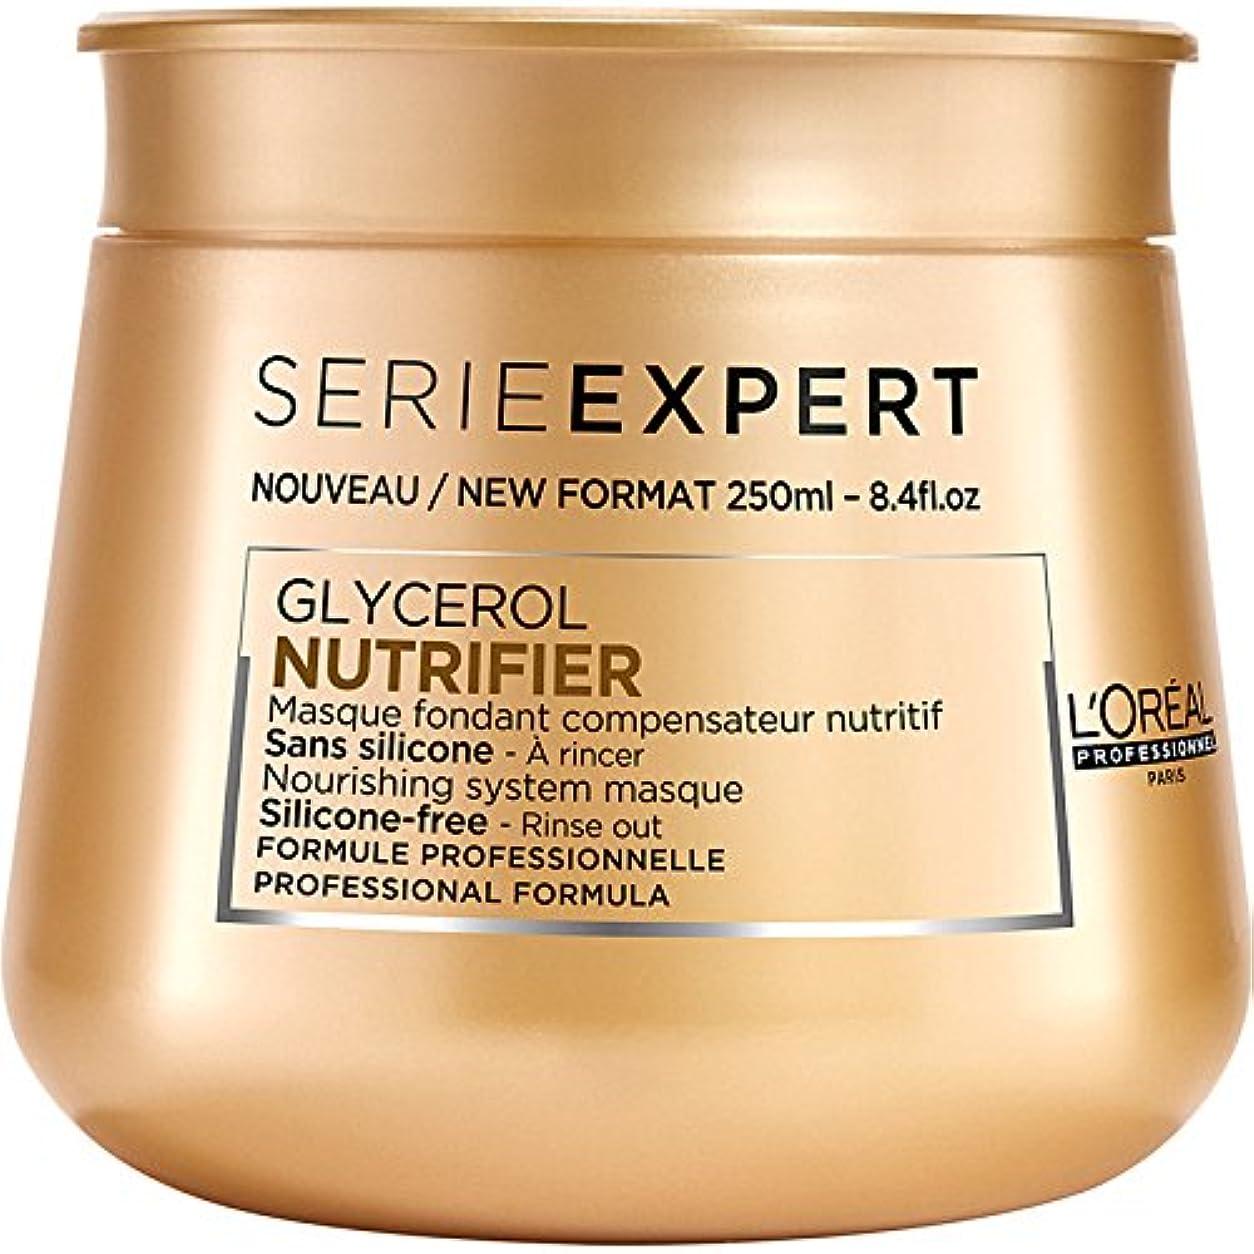 タオルアンケートしたがってL'Oreal Serie Expert Glycerol NUTRIFIER Nourishing System Masque 250 ml [並行輸入品]